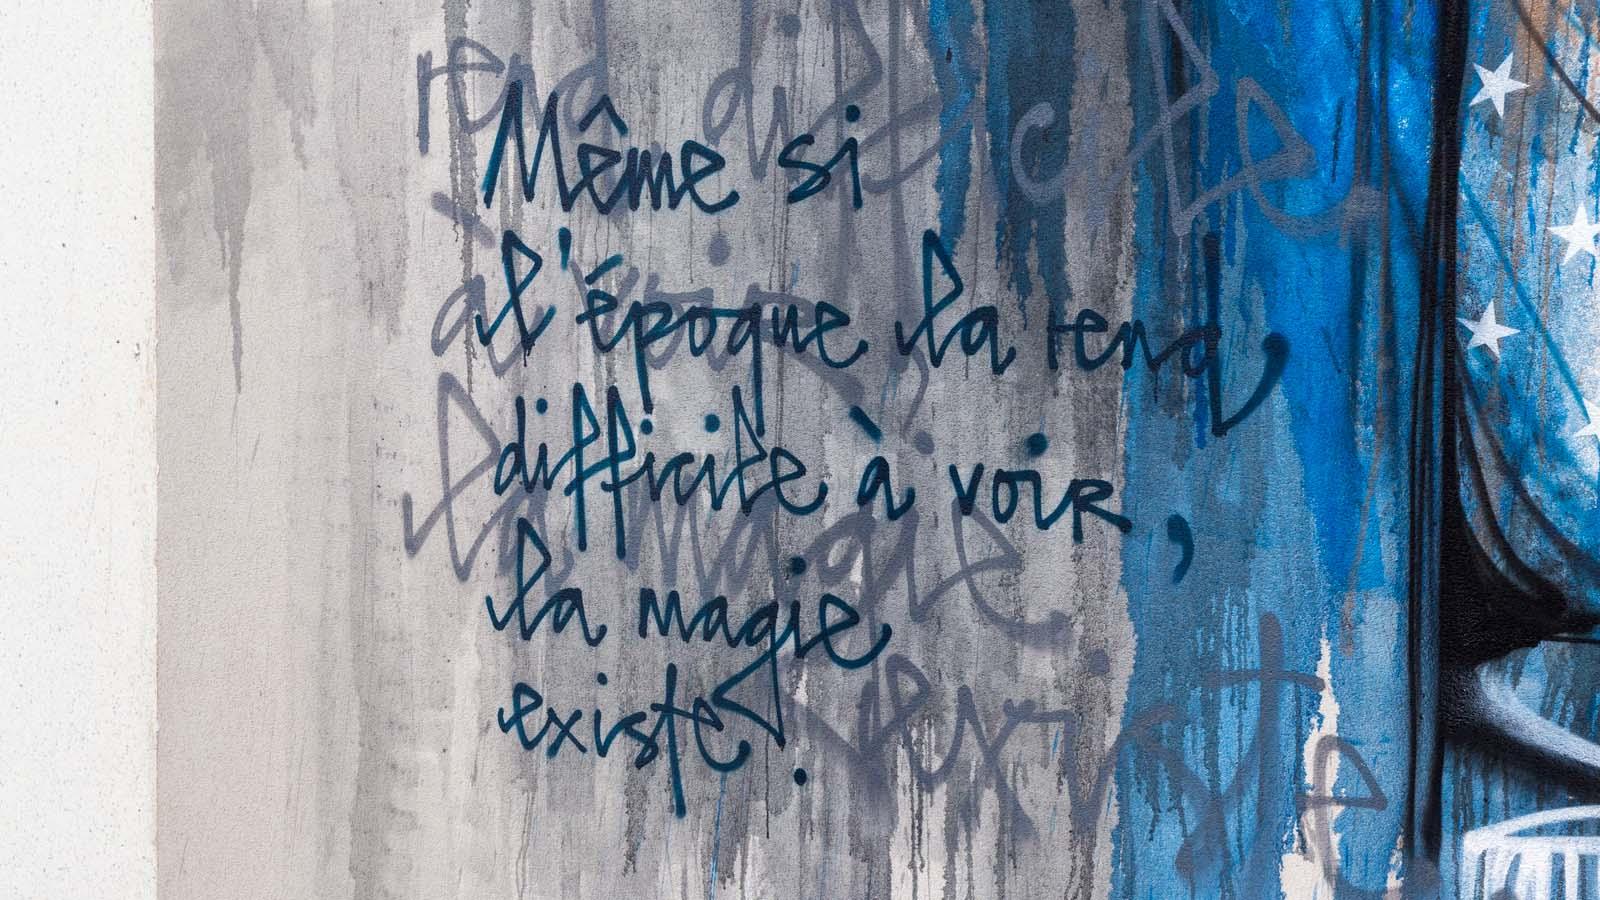 Herakut - La magie existe - Paris 13è - Octobre 2016